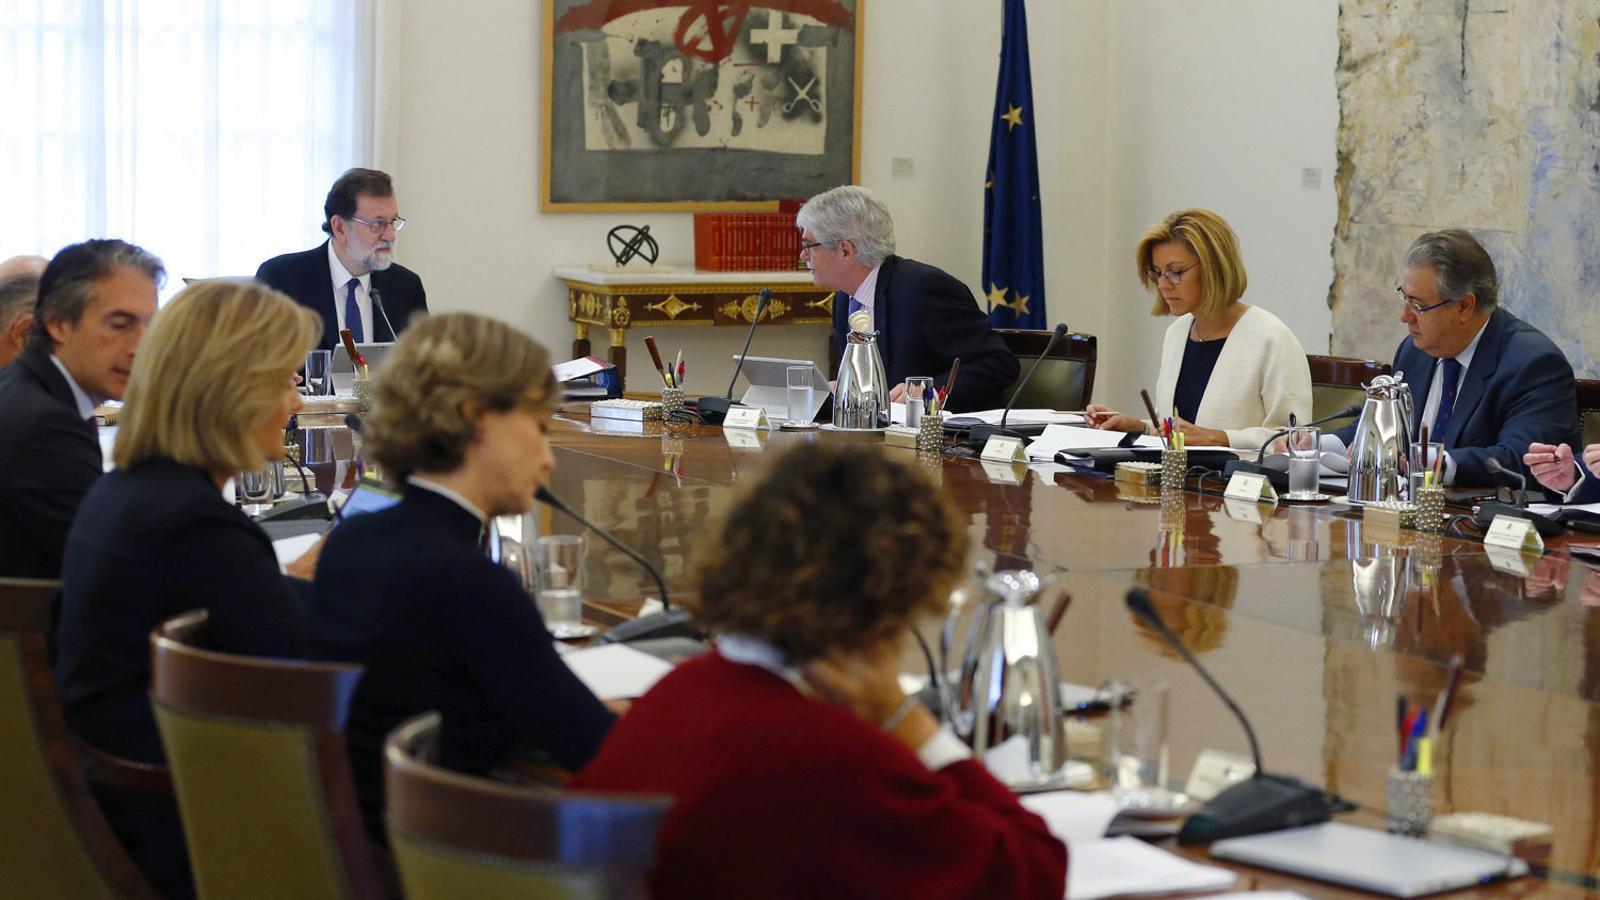 La reunió del consell de ministres del 21 d'octubre que va aprovar el 155 convalidat pel Senat.